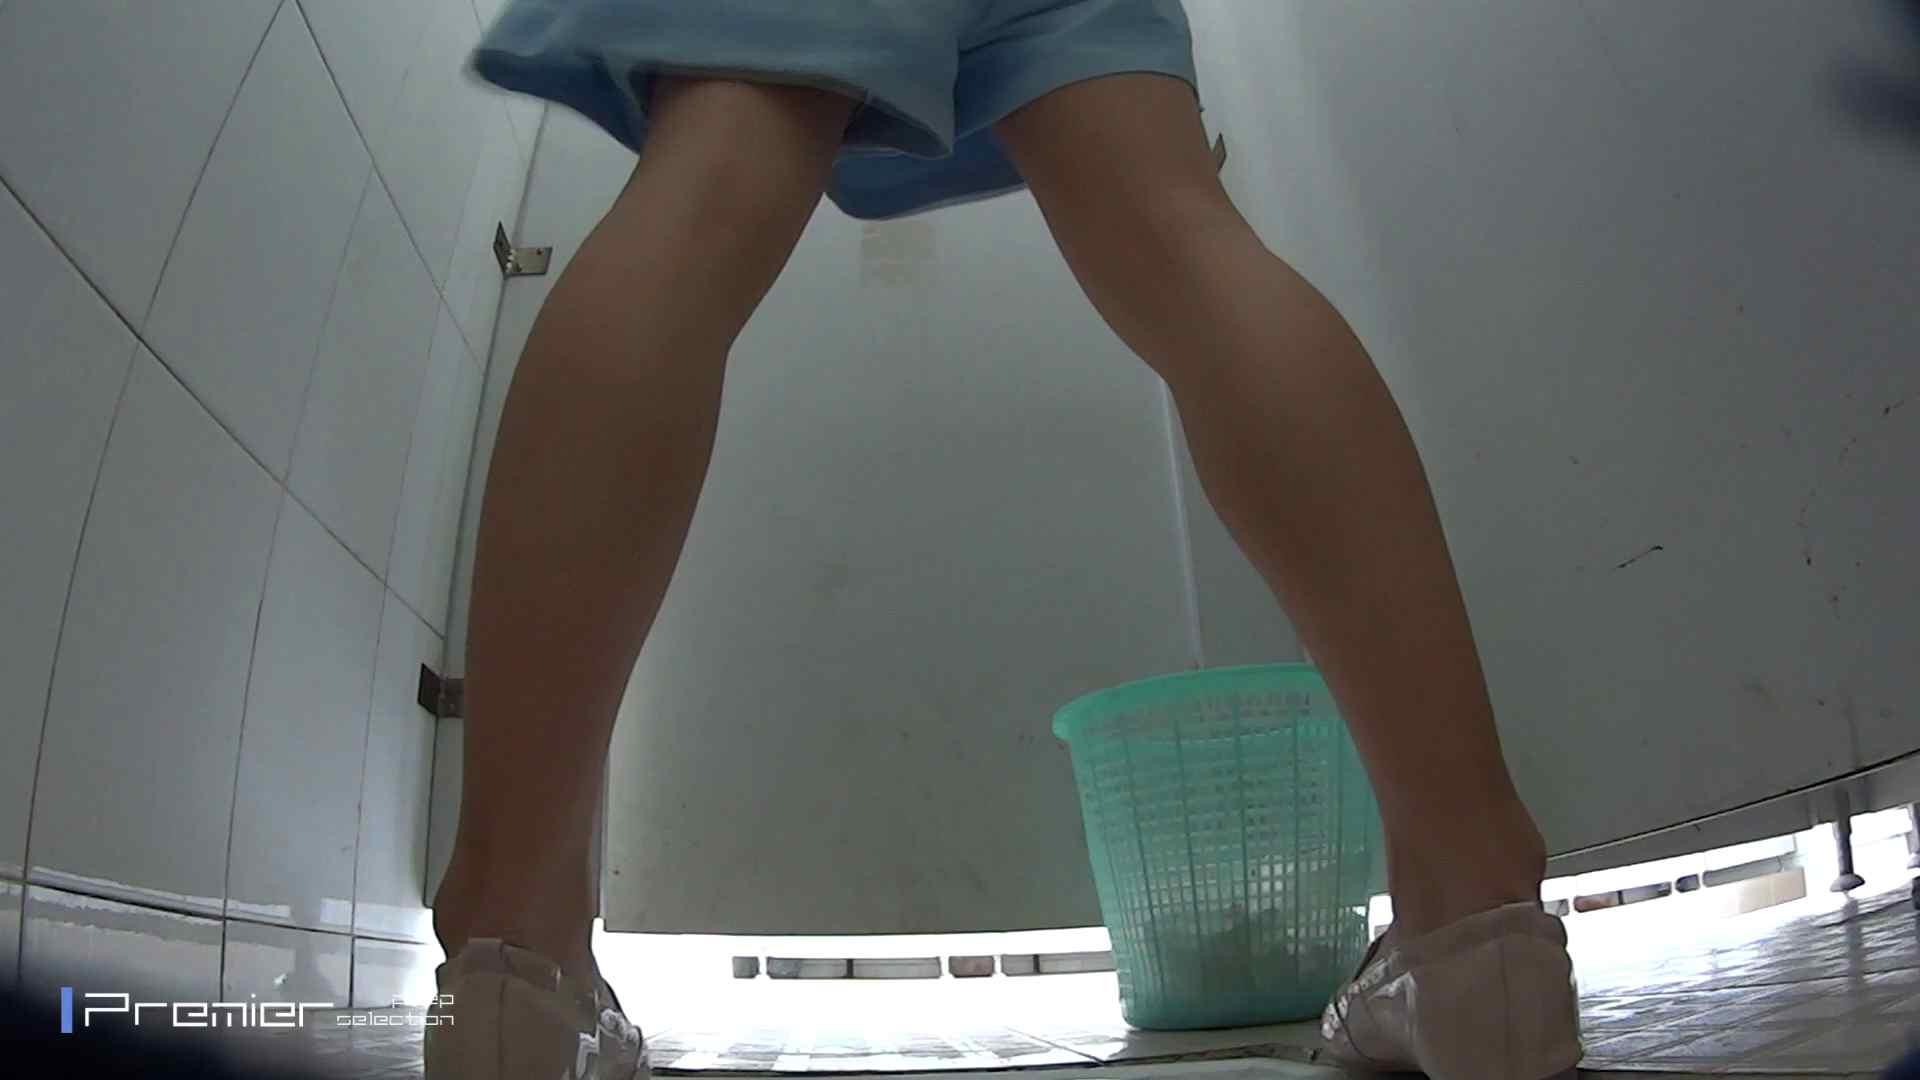 美しい女良たちのトイレ事情 有名大学休憩時間の洗面所事情06 綺麗なお姉さん おめこ無修正画像 84pic 4